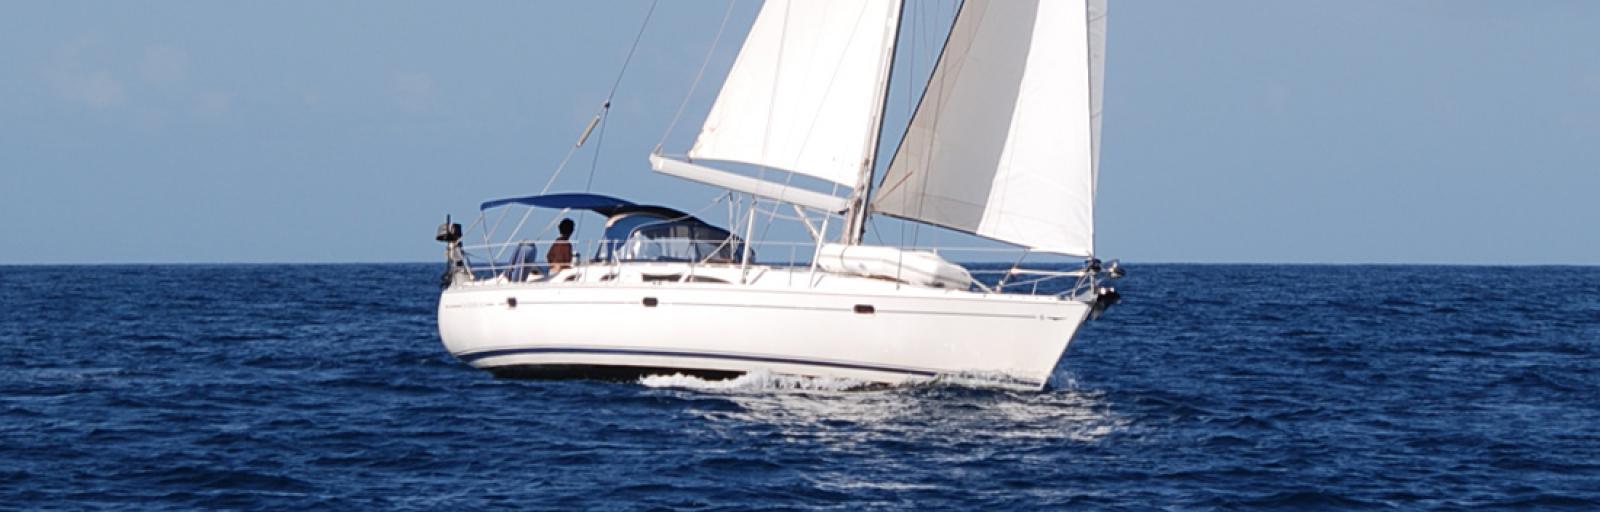 AYC Yachtbroker - Sun Odyssey 45.2